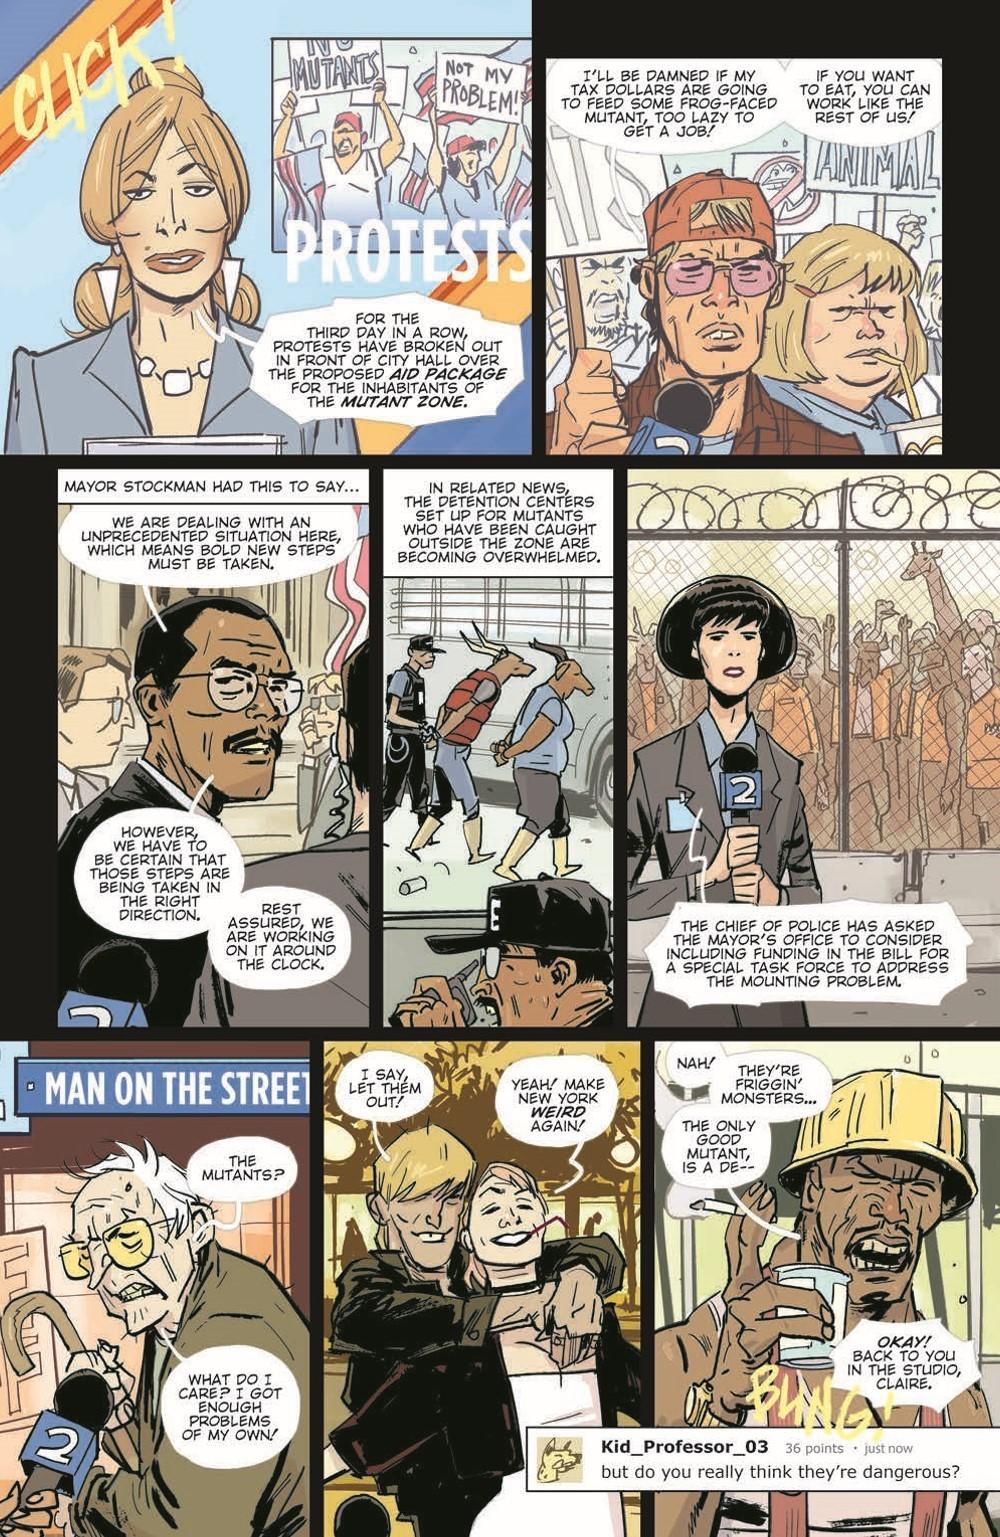 TMNT-Jennika02_pr-4 ComicList Previews: TEENAGE MUTANT NINJA TURTLES JENNIKA II TP